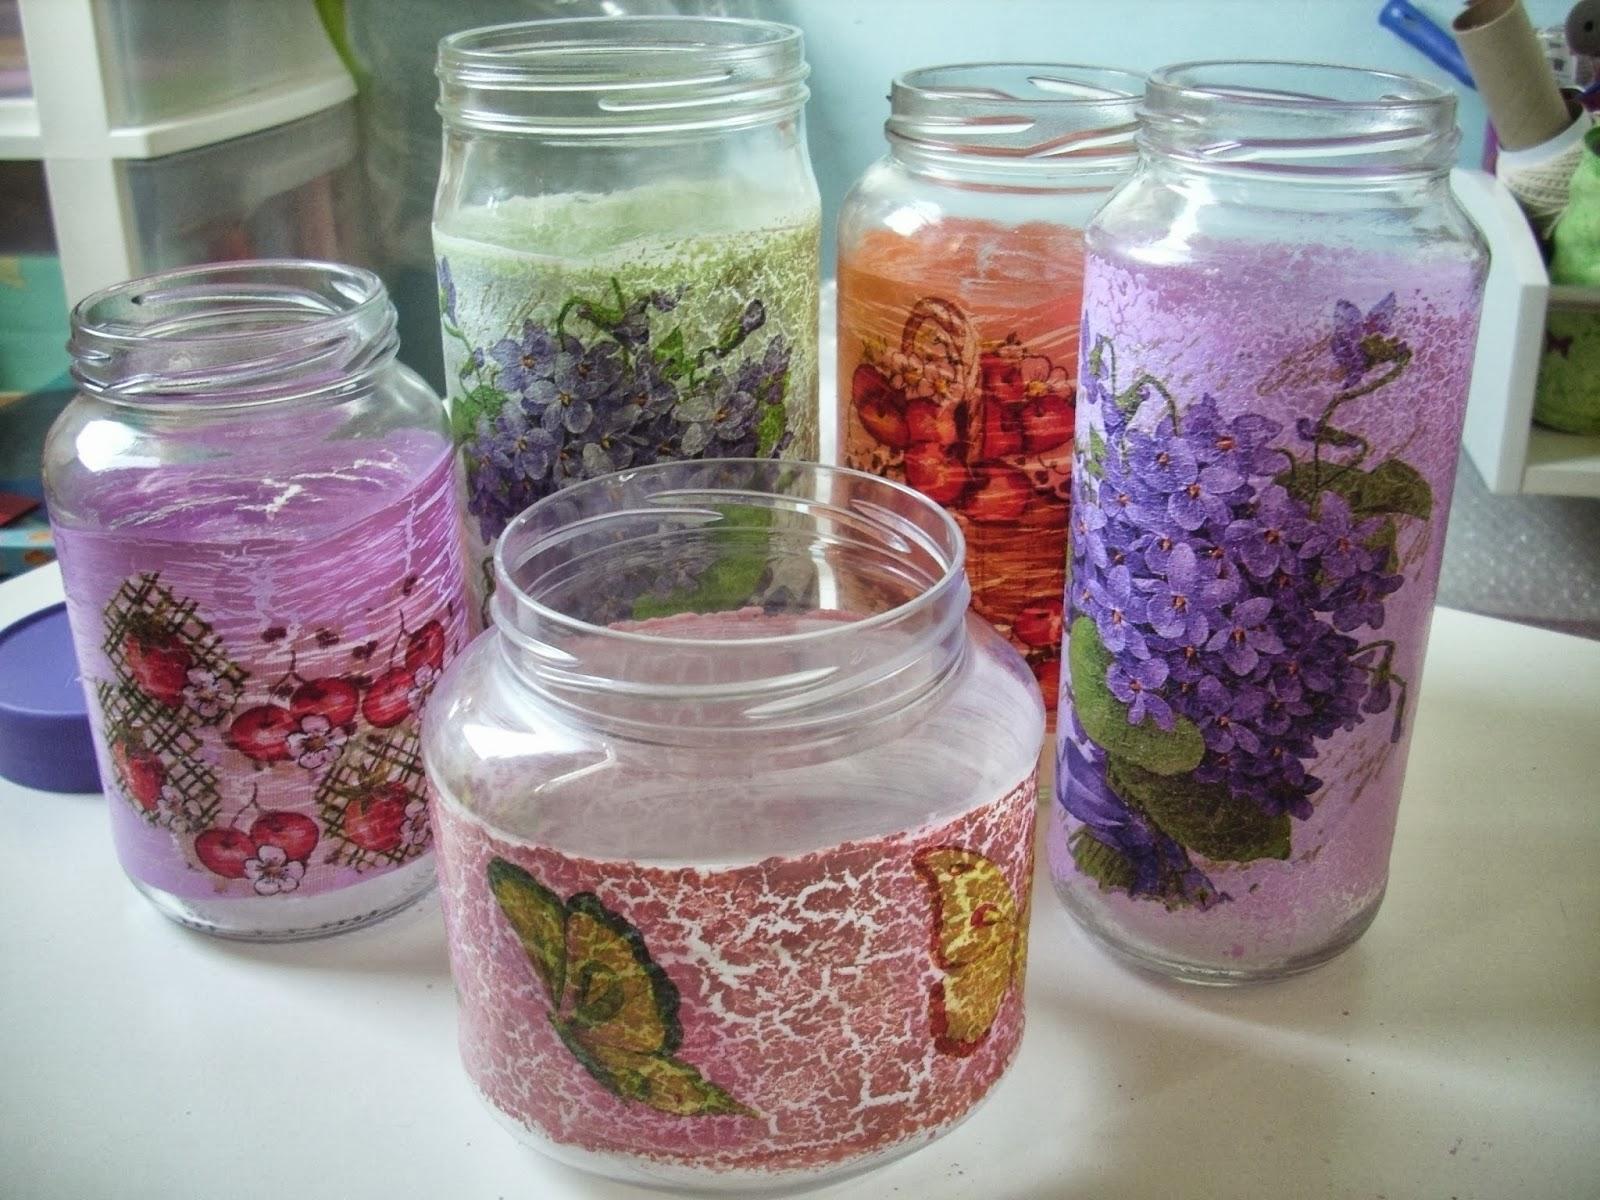 Utilizei potes de vidro de palmito, azeitonas e nutella.